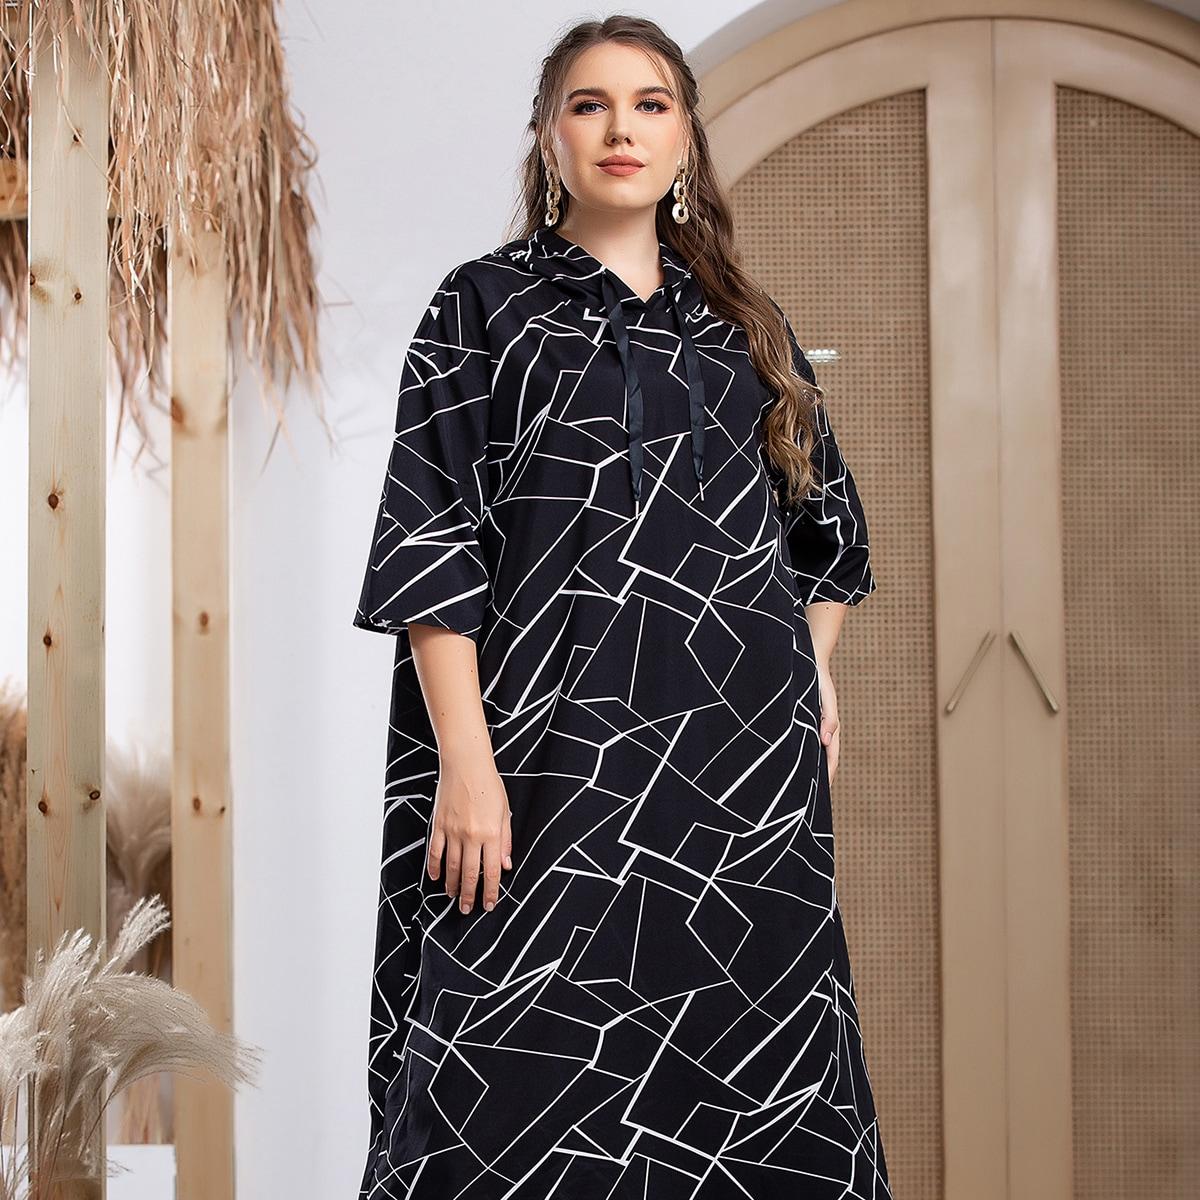 Платье с капюшоном и геометрическим принтом на кулиске размера плюс